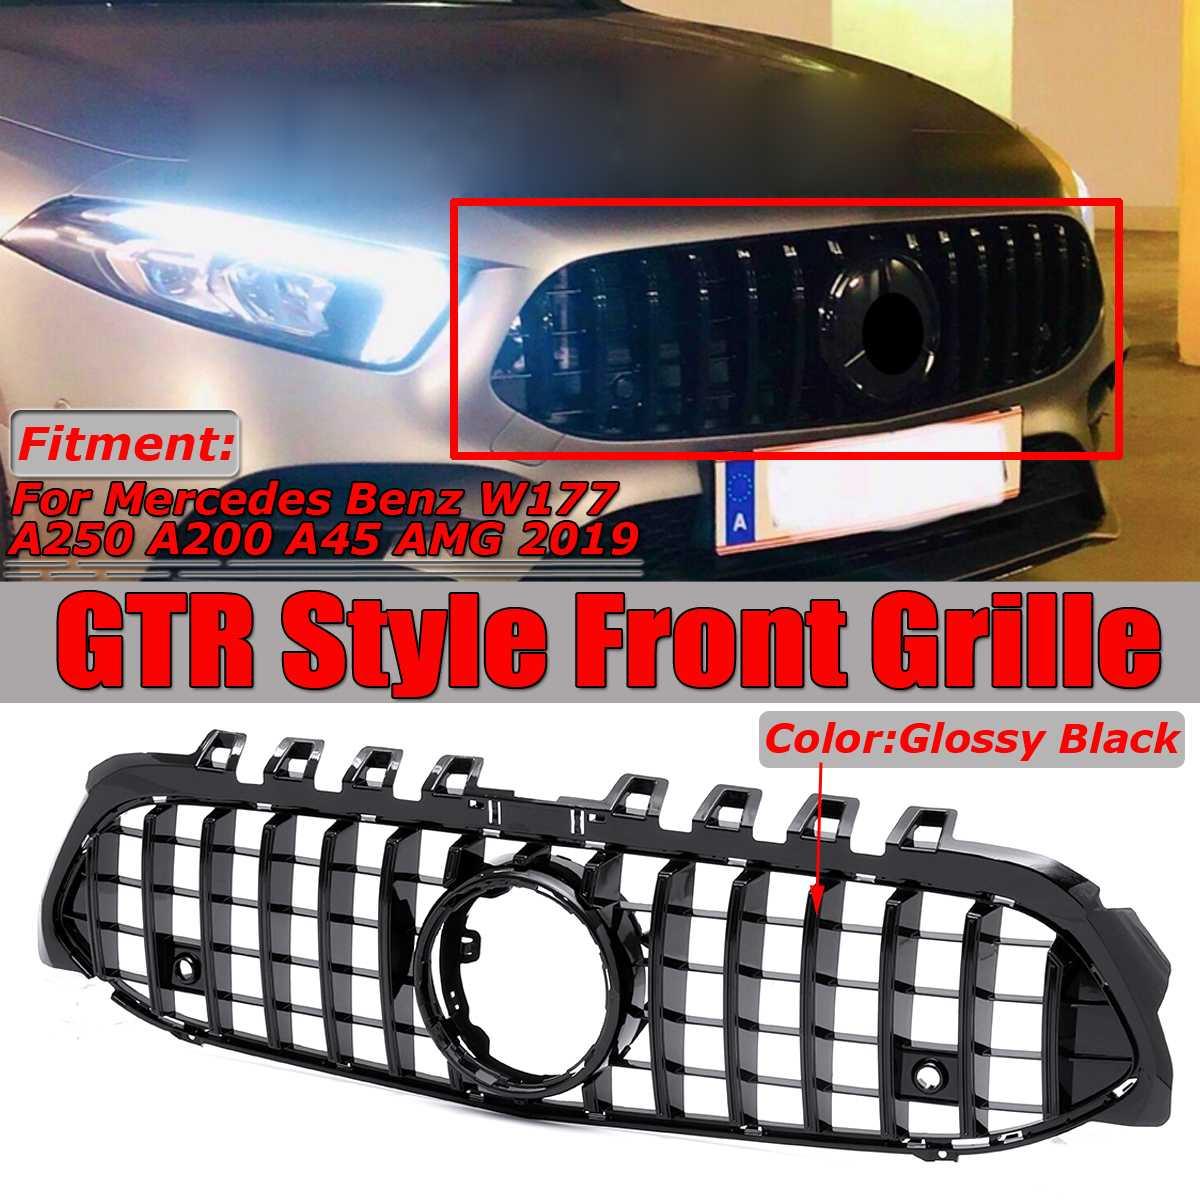 Preto brilhante GT R GTR Estilo Frente Car Grille Grill Cobrir Guarnição Para A Mercedes Benz Para W177 A250 A200 A45 para AMG 2019 Corrida Grelha